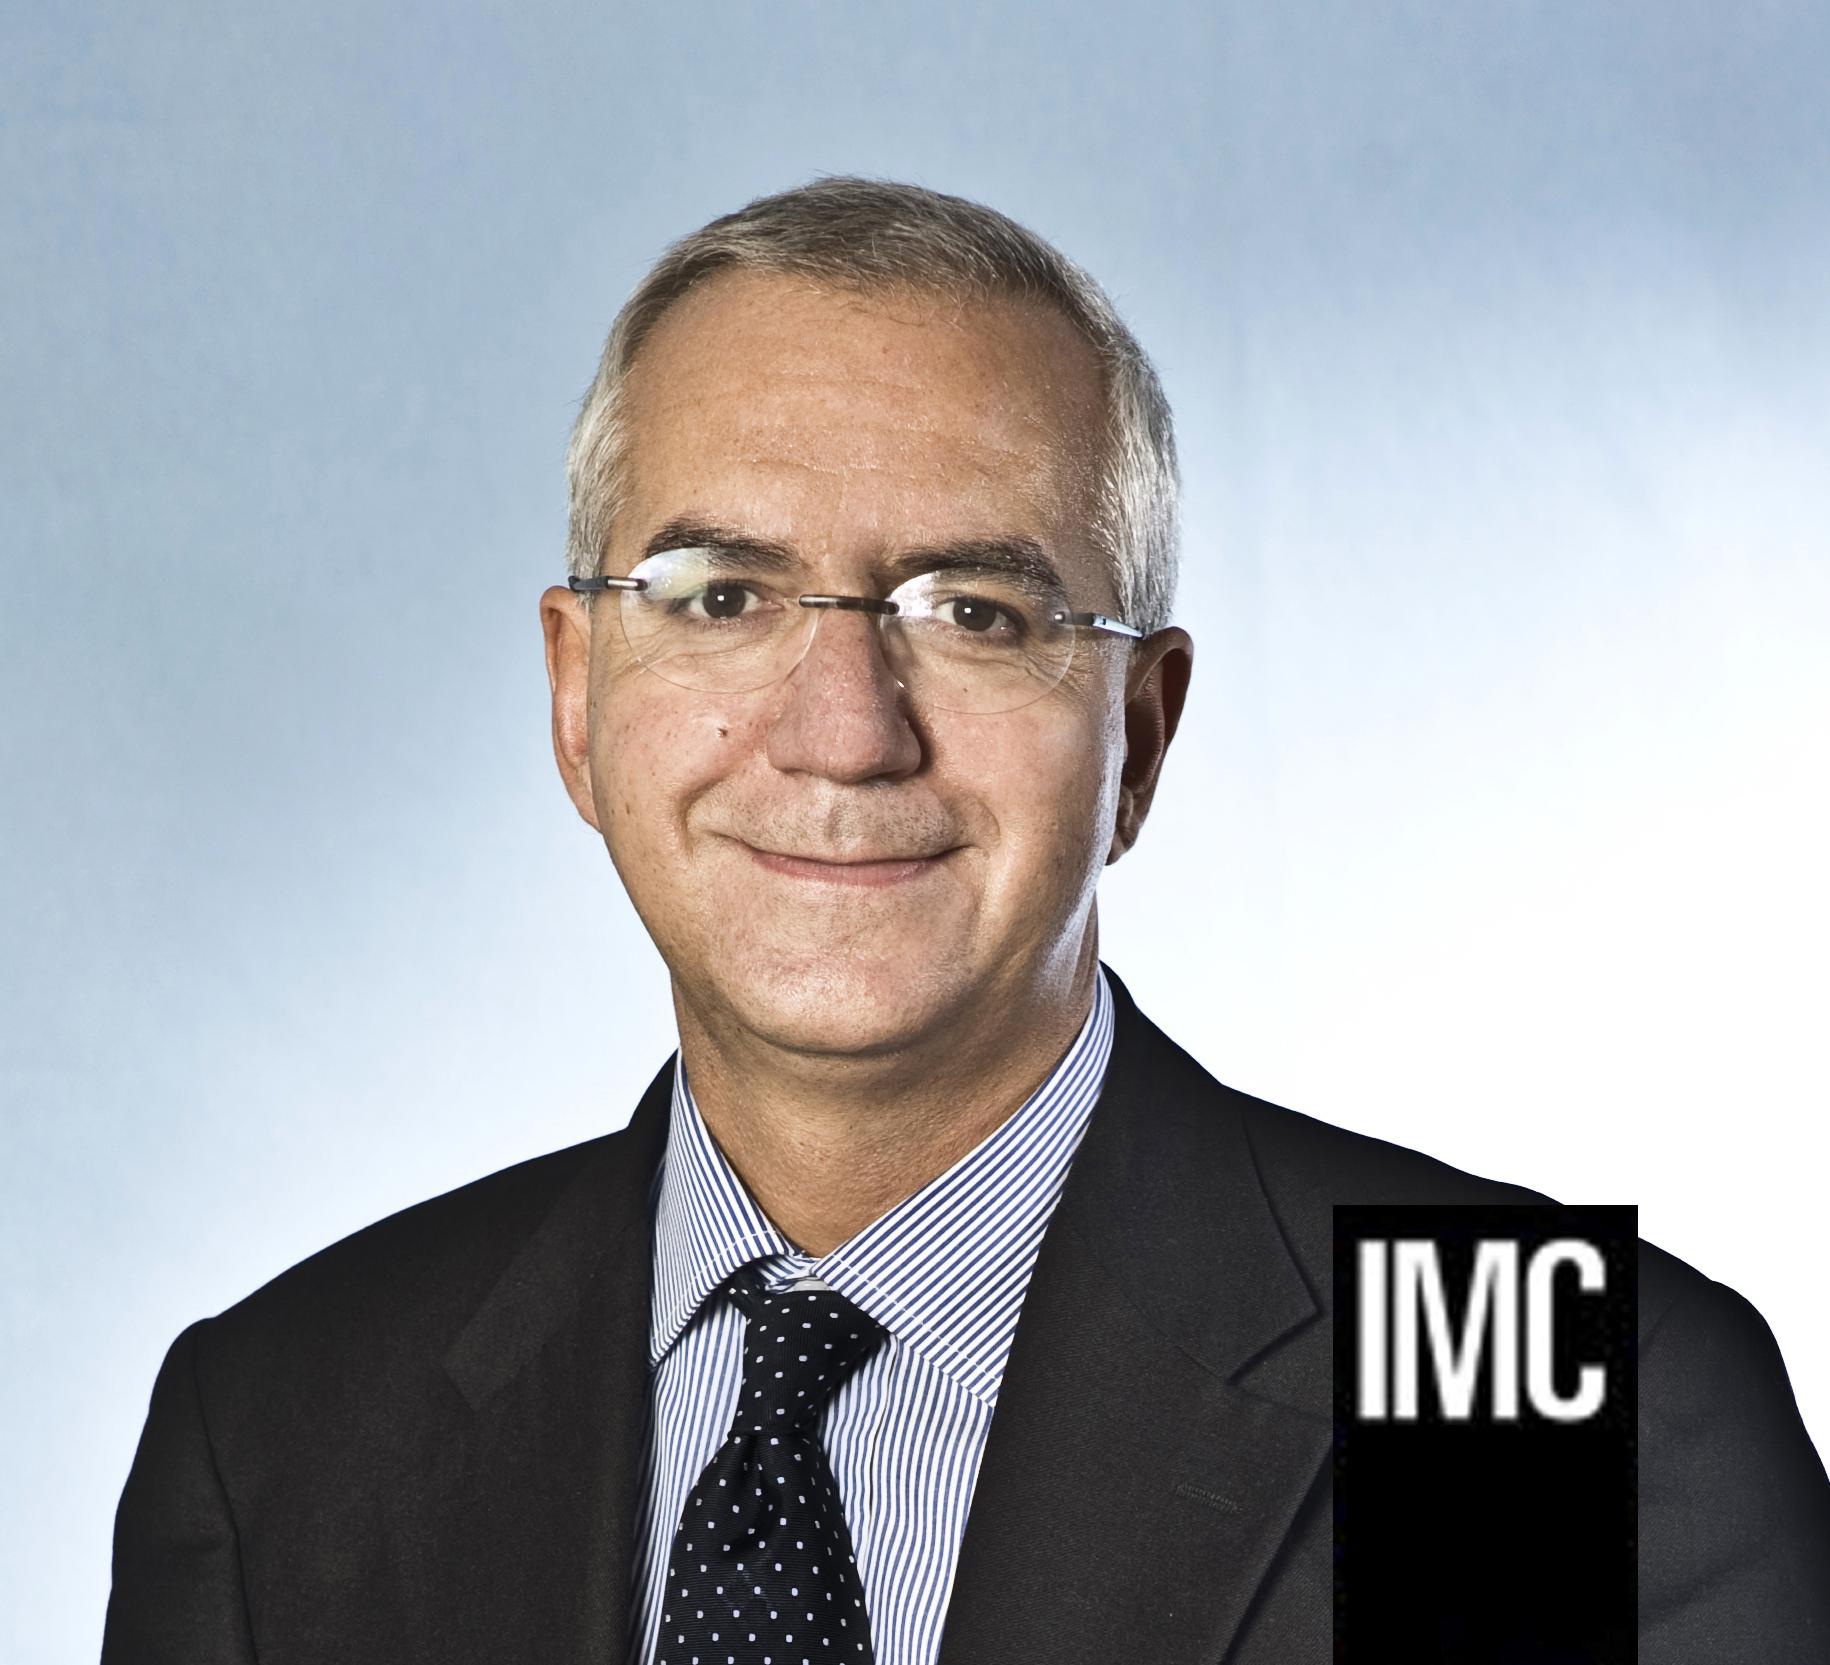 Dario Focarelli IMC